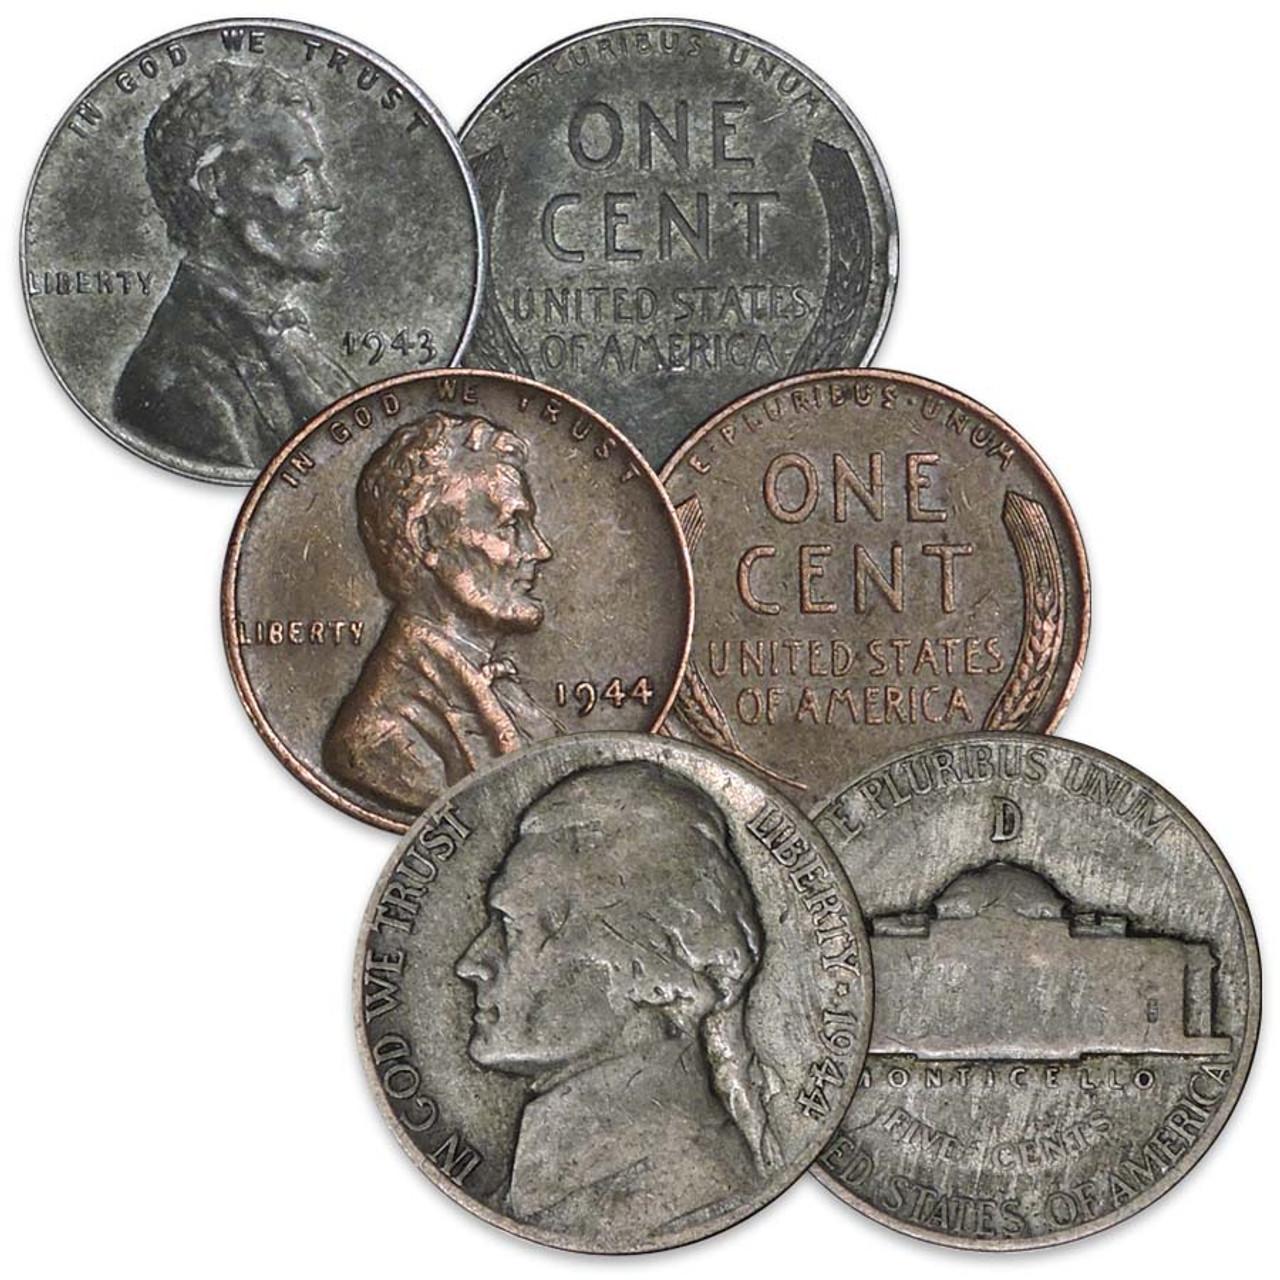 World War II 3-Coin Set Image 1